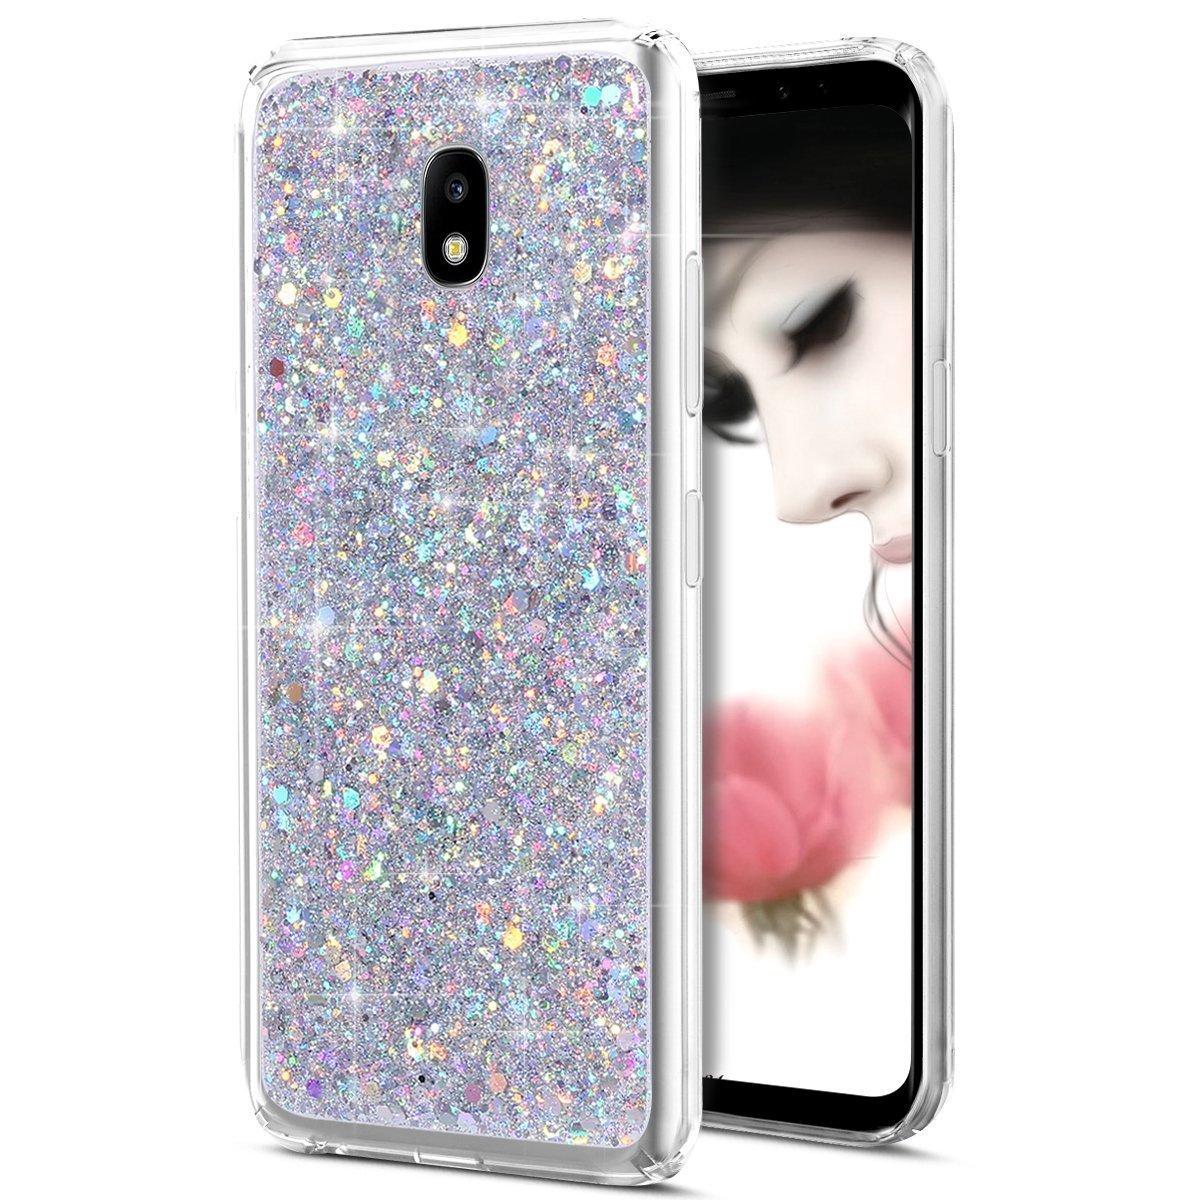 Custodia Galaxy J7 2017, Cover Galaxy J7 2017, Galaxy J7 2017 Custodia Glitter, Uposao Lusso Bling Glitter Strass Diamante Cristallo Clear Silicone Gel TPU Cover per Samsung Galaxy J7 2017-(d'oro) PYHT001786